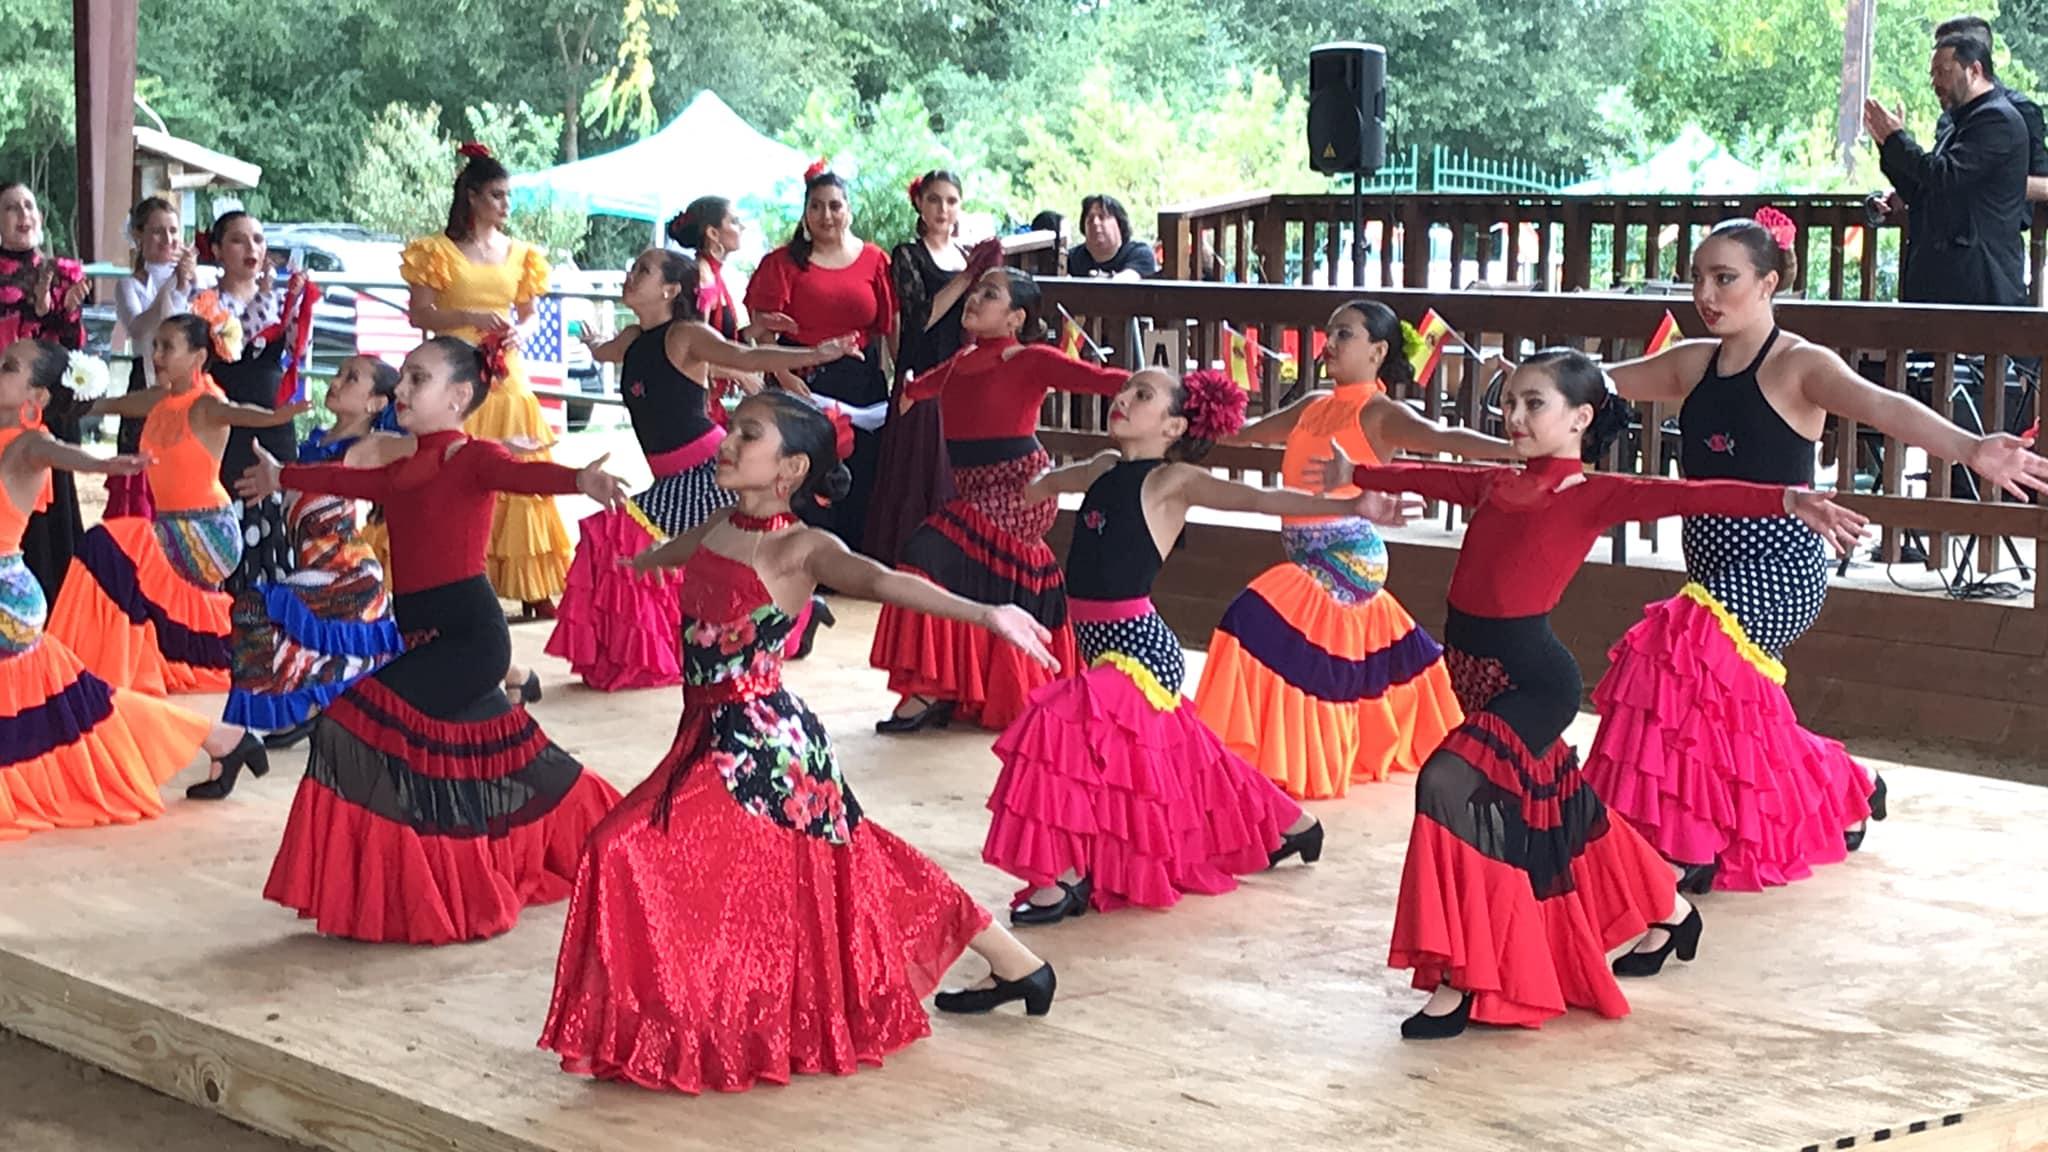 Houston_Spain_Fest_c